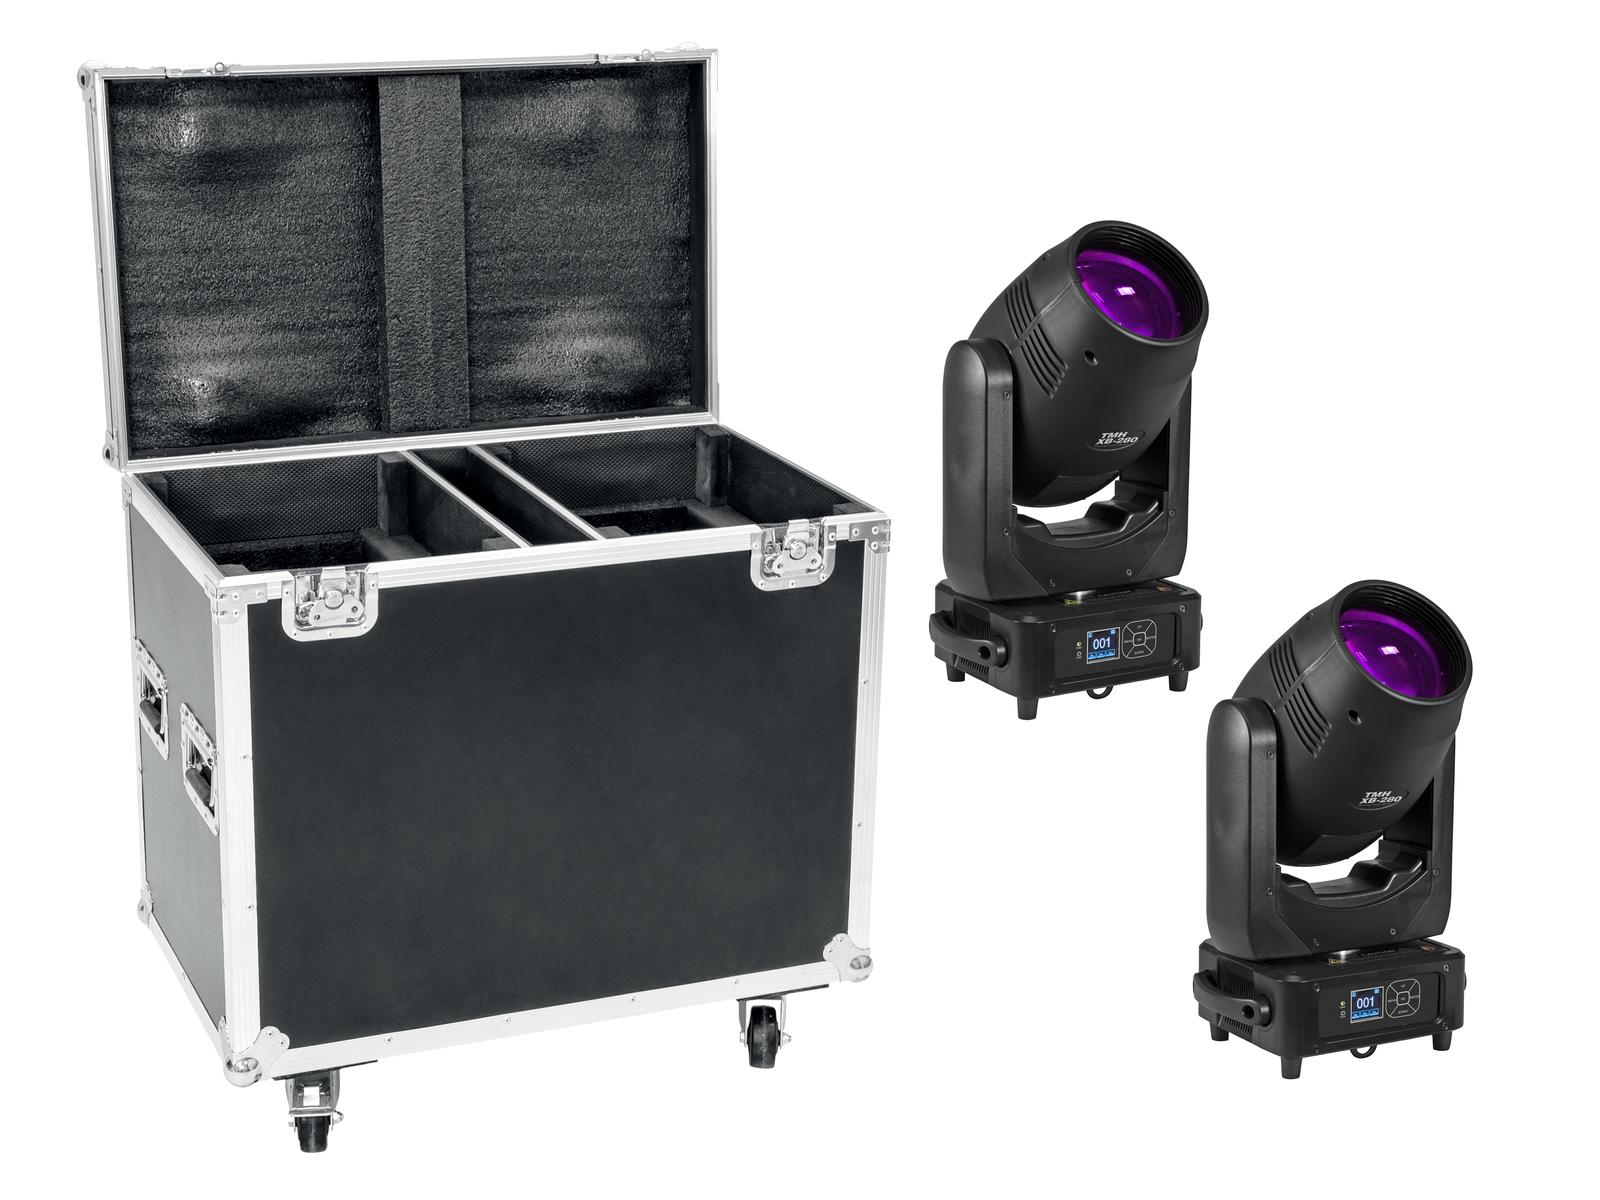 EUROLITE Set 2x TMH XB-280 + Case